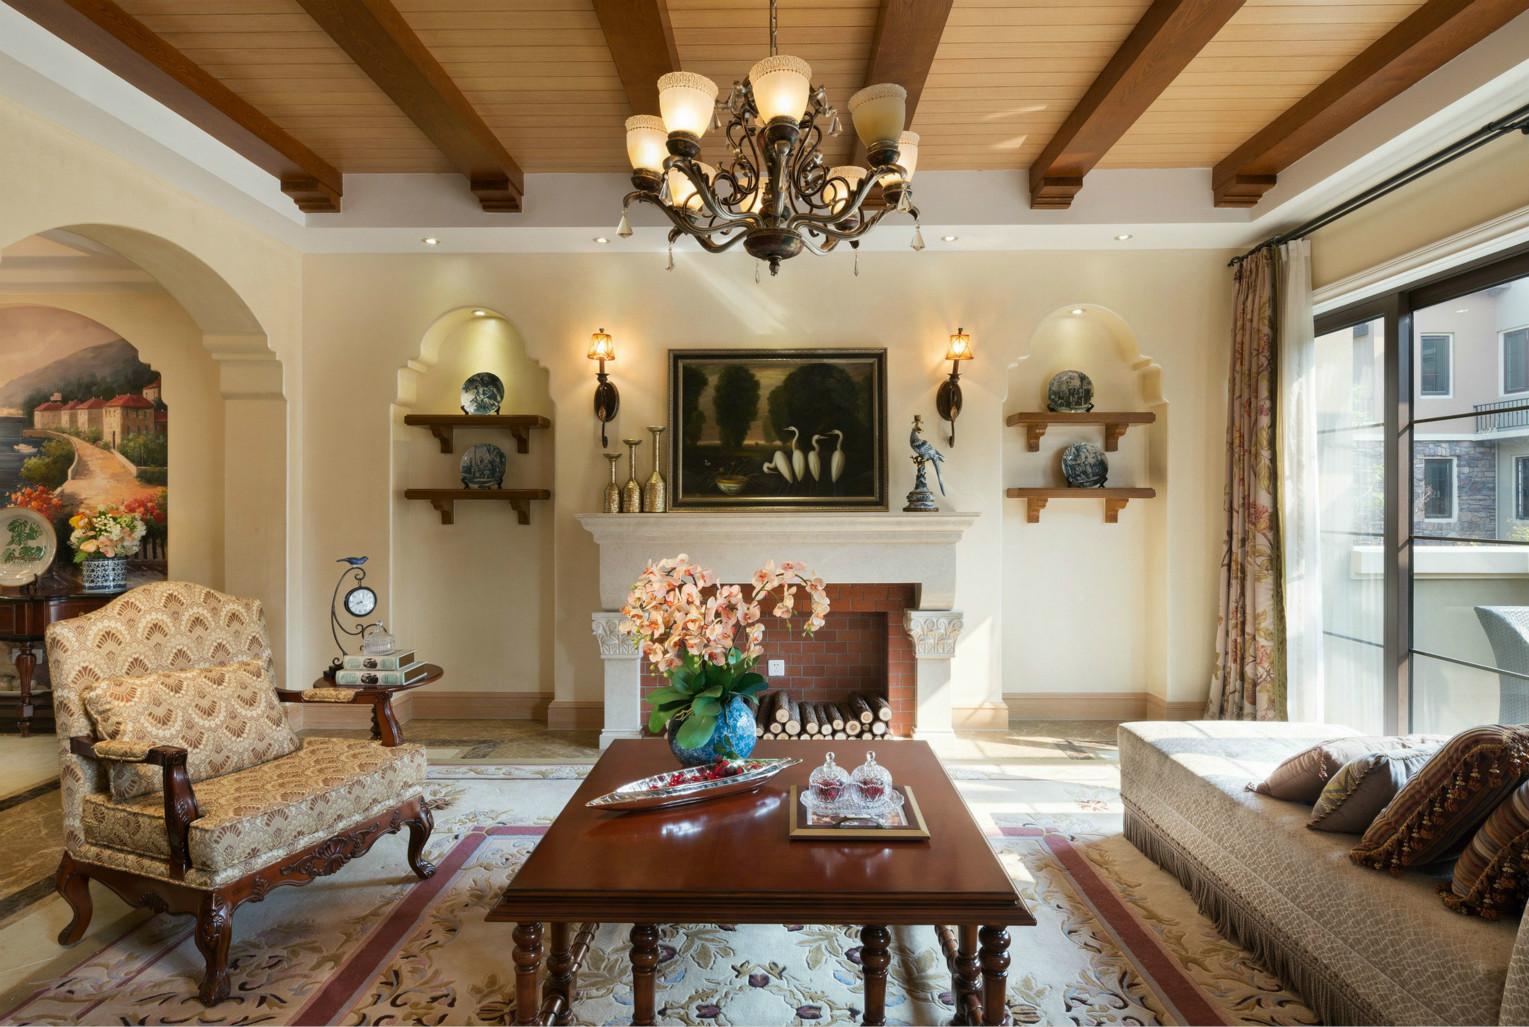 客厅追求时尚与潮流,非常注重居室空间的布局与使用功能的完美结合